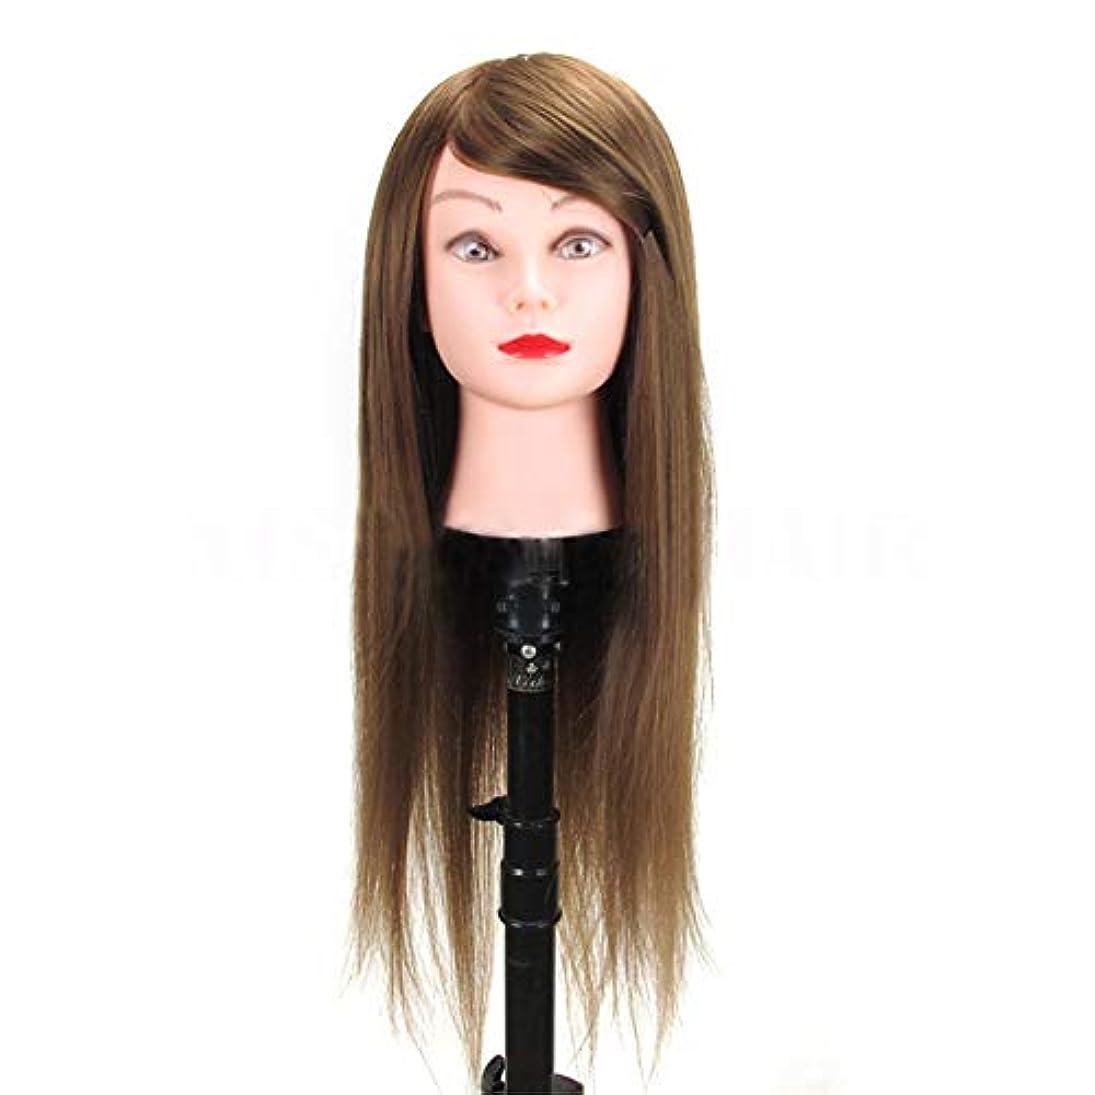 シェル文化彼自身高温シルク編組ヘアスタイリングヘッドモデル理髪店理髪ダミーヘッド化粧練習マネキンヘッド